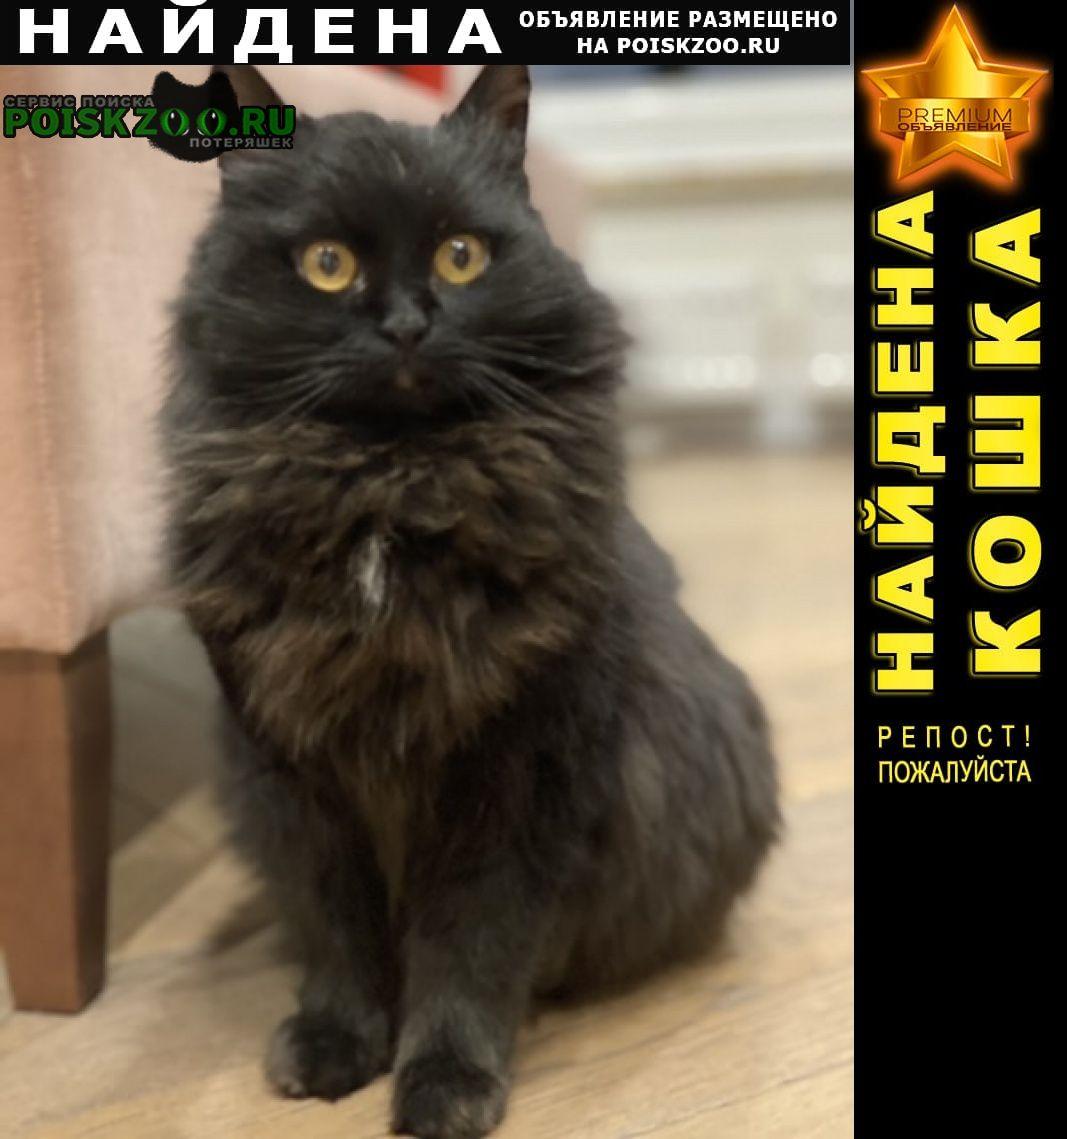 Найдена кошка чёрная Москва